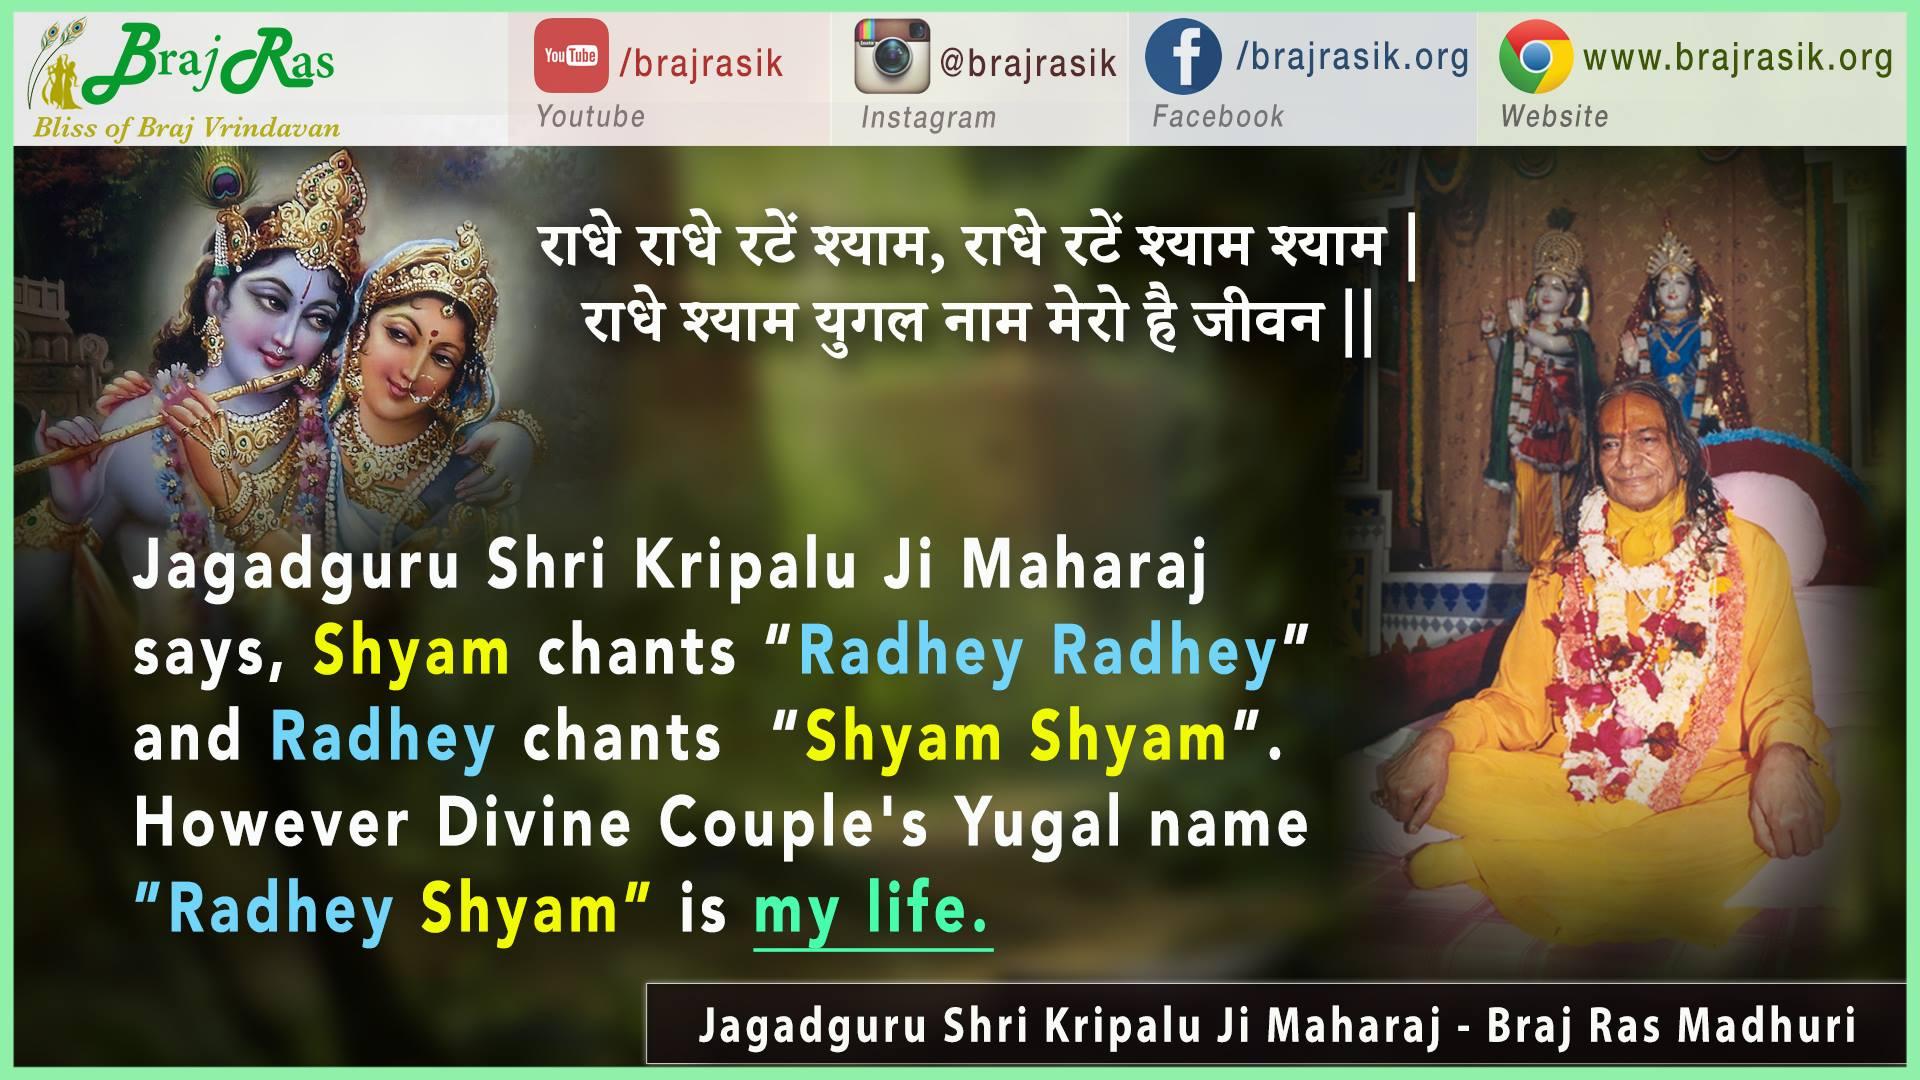 Radhey Radhey Ratein Shyam - Jagadguru Shri Kripalu Ji Maharaj,  Braj Ras Madhuri